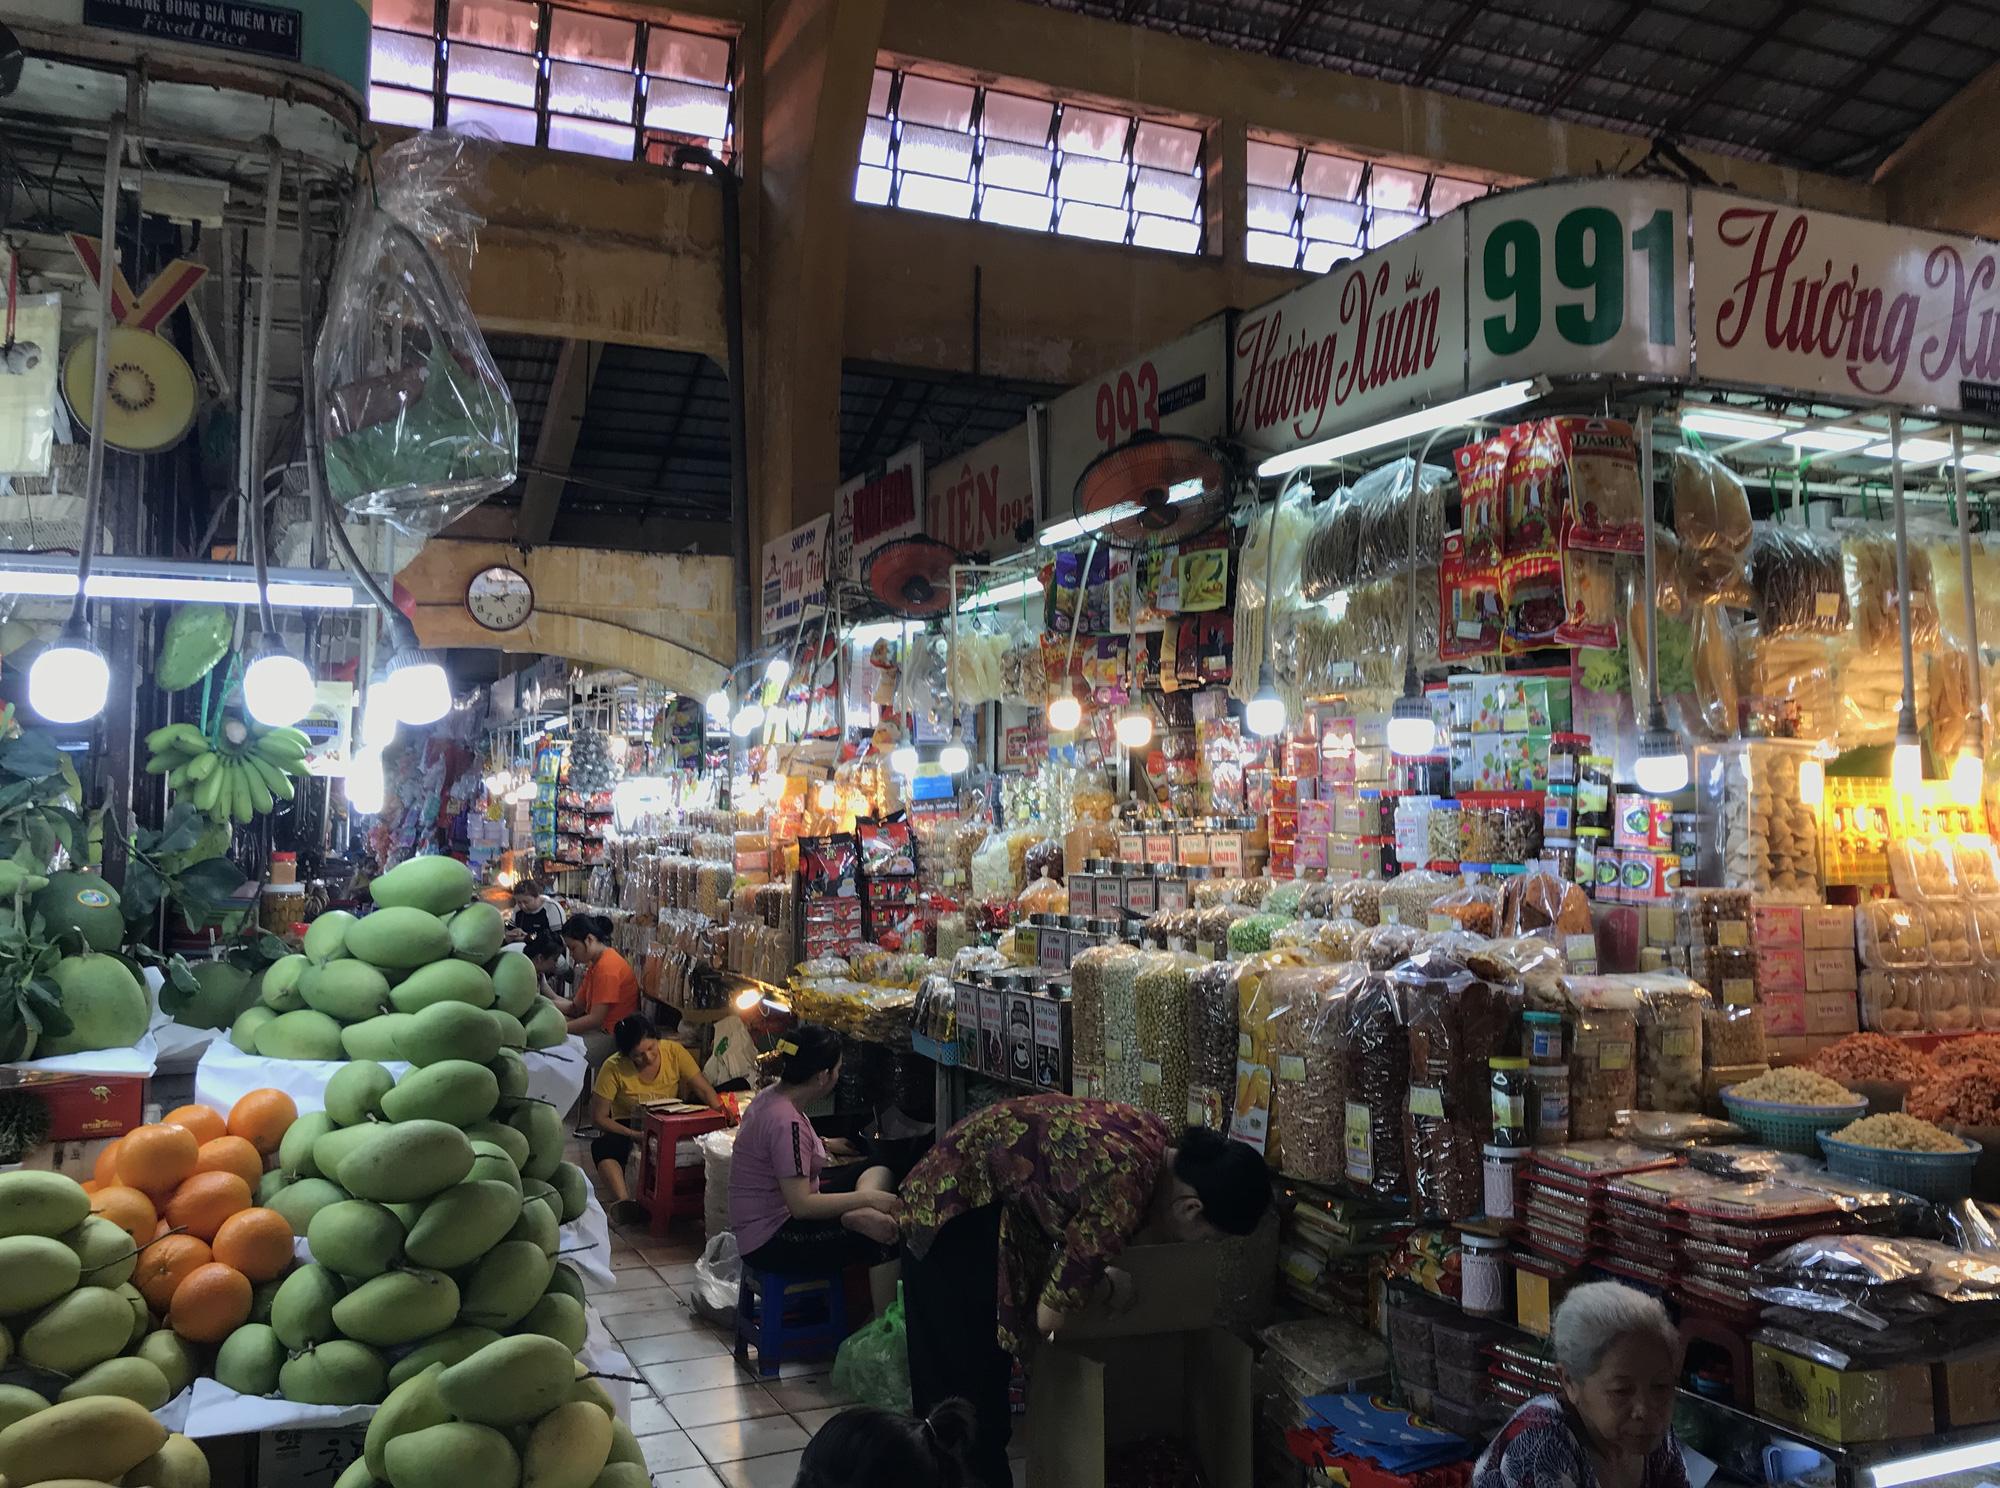 Chợ Bến Thành, Saigon Square ế chưa từng thấy, có tiểu thương đóng cửa, sang sạp vì virus corona - Ảnh 7.